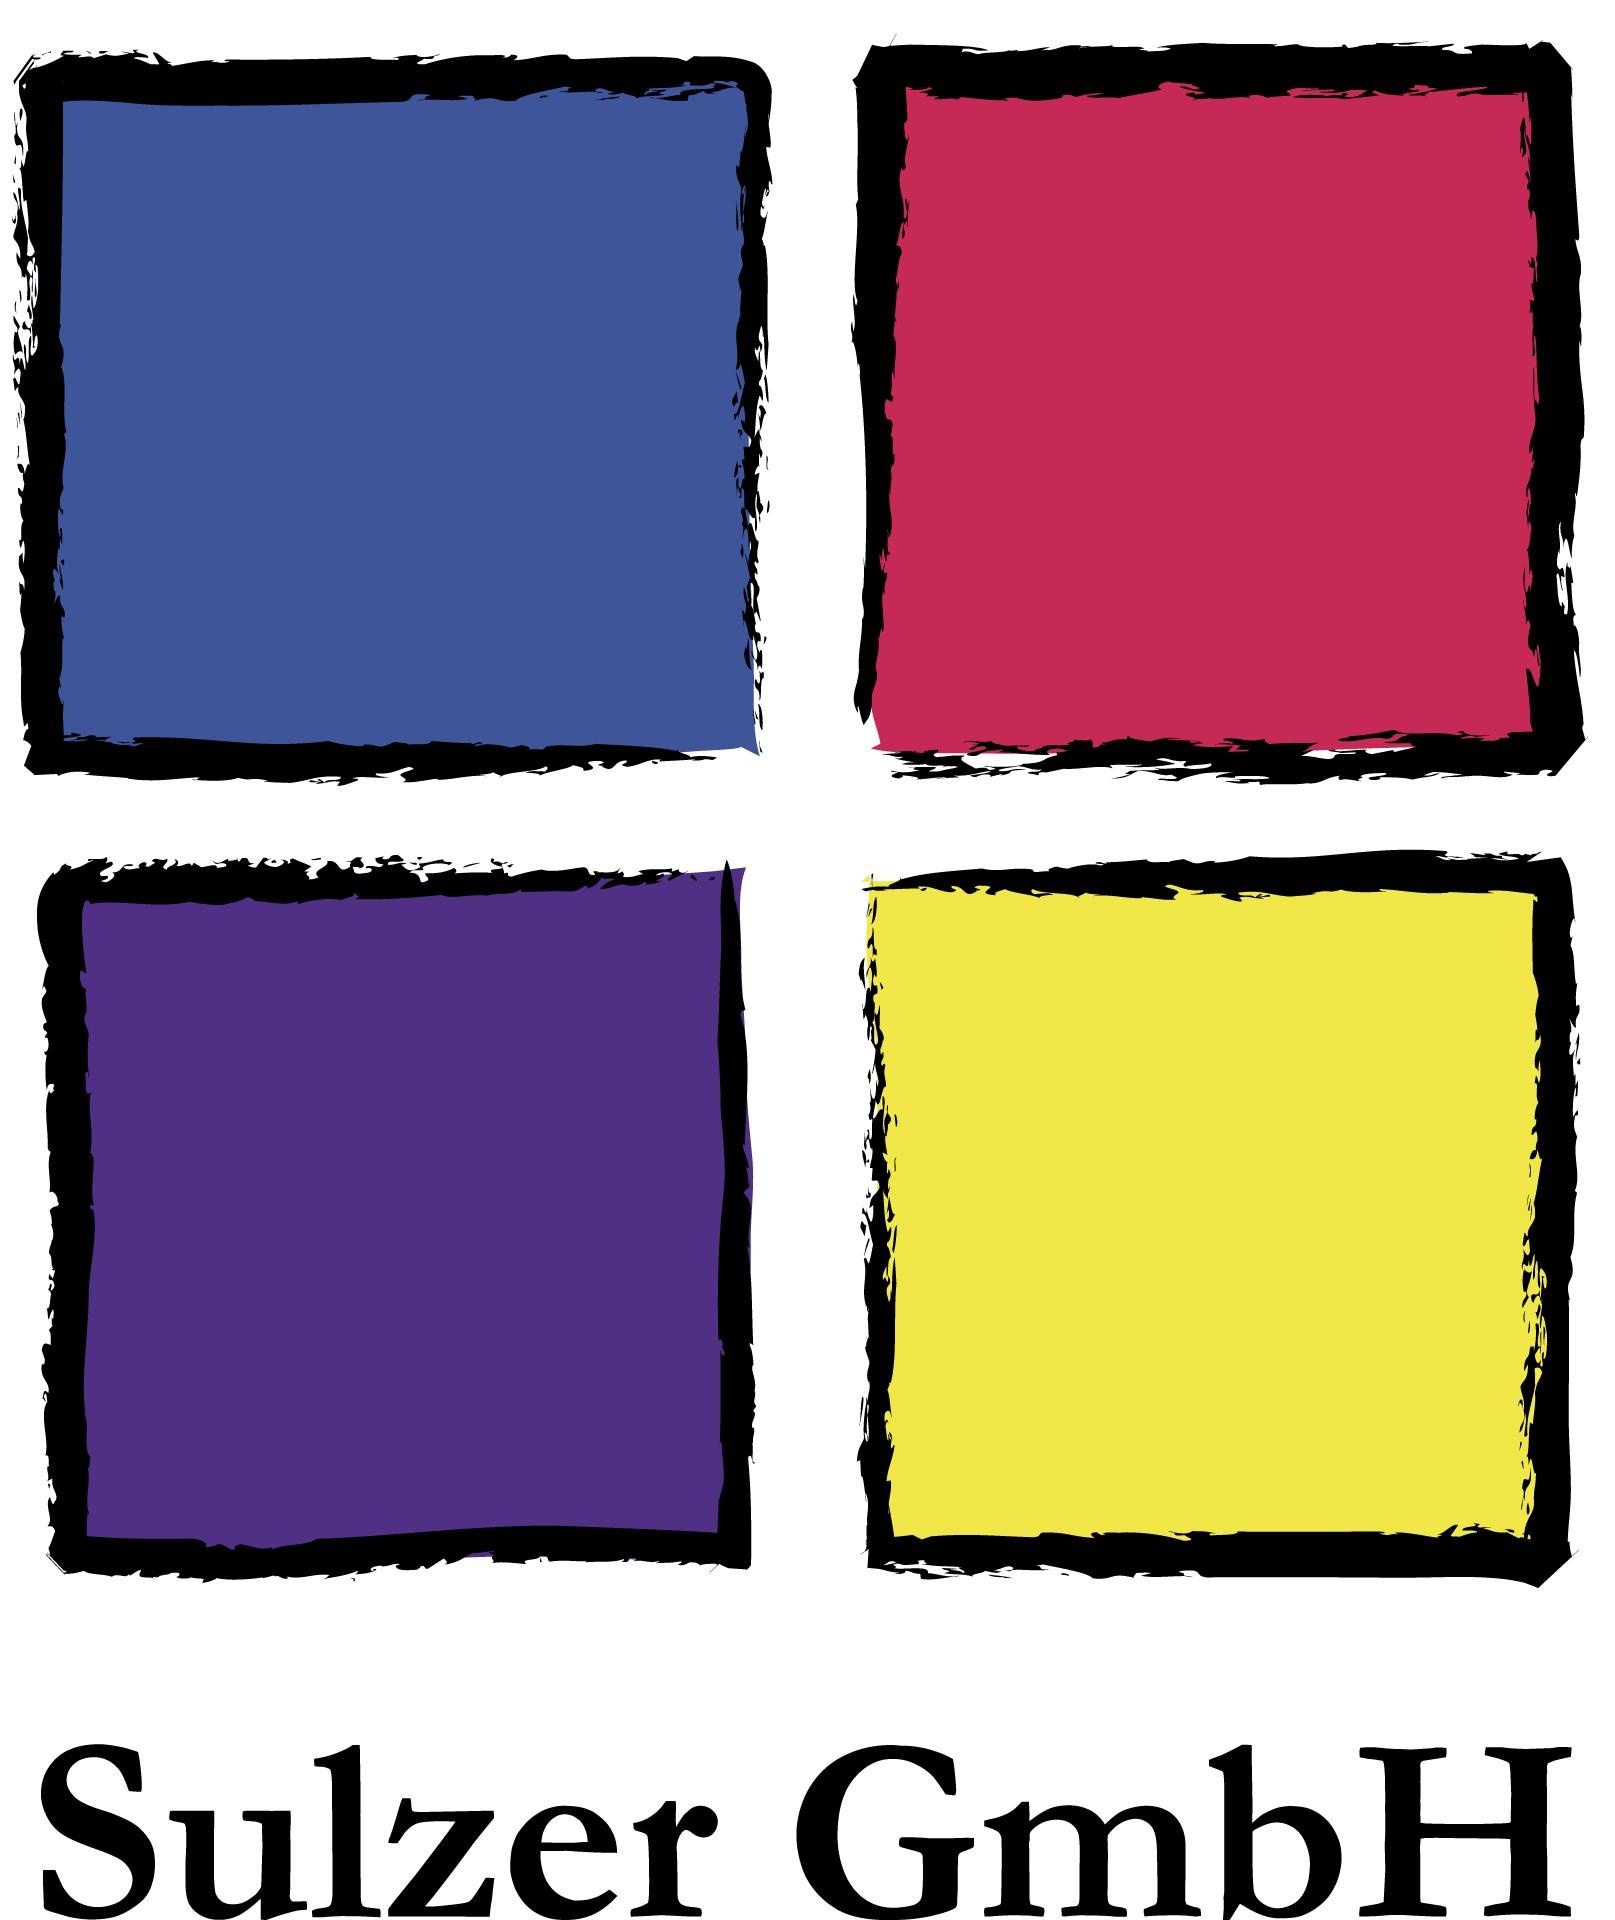 Sulzer GmbH Logo